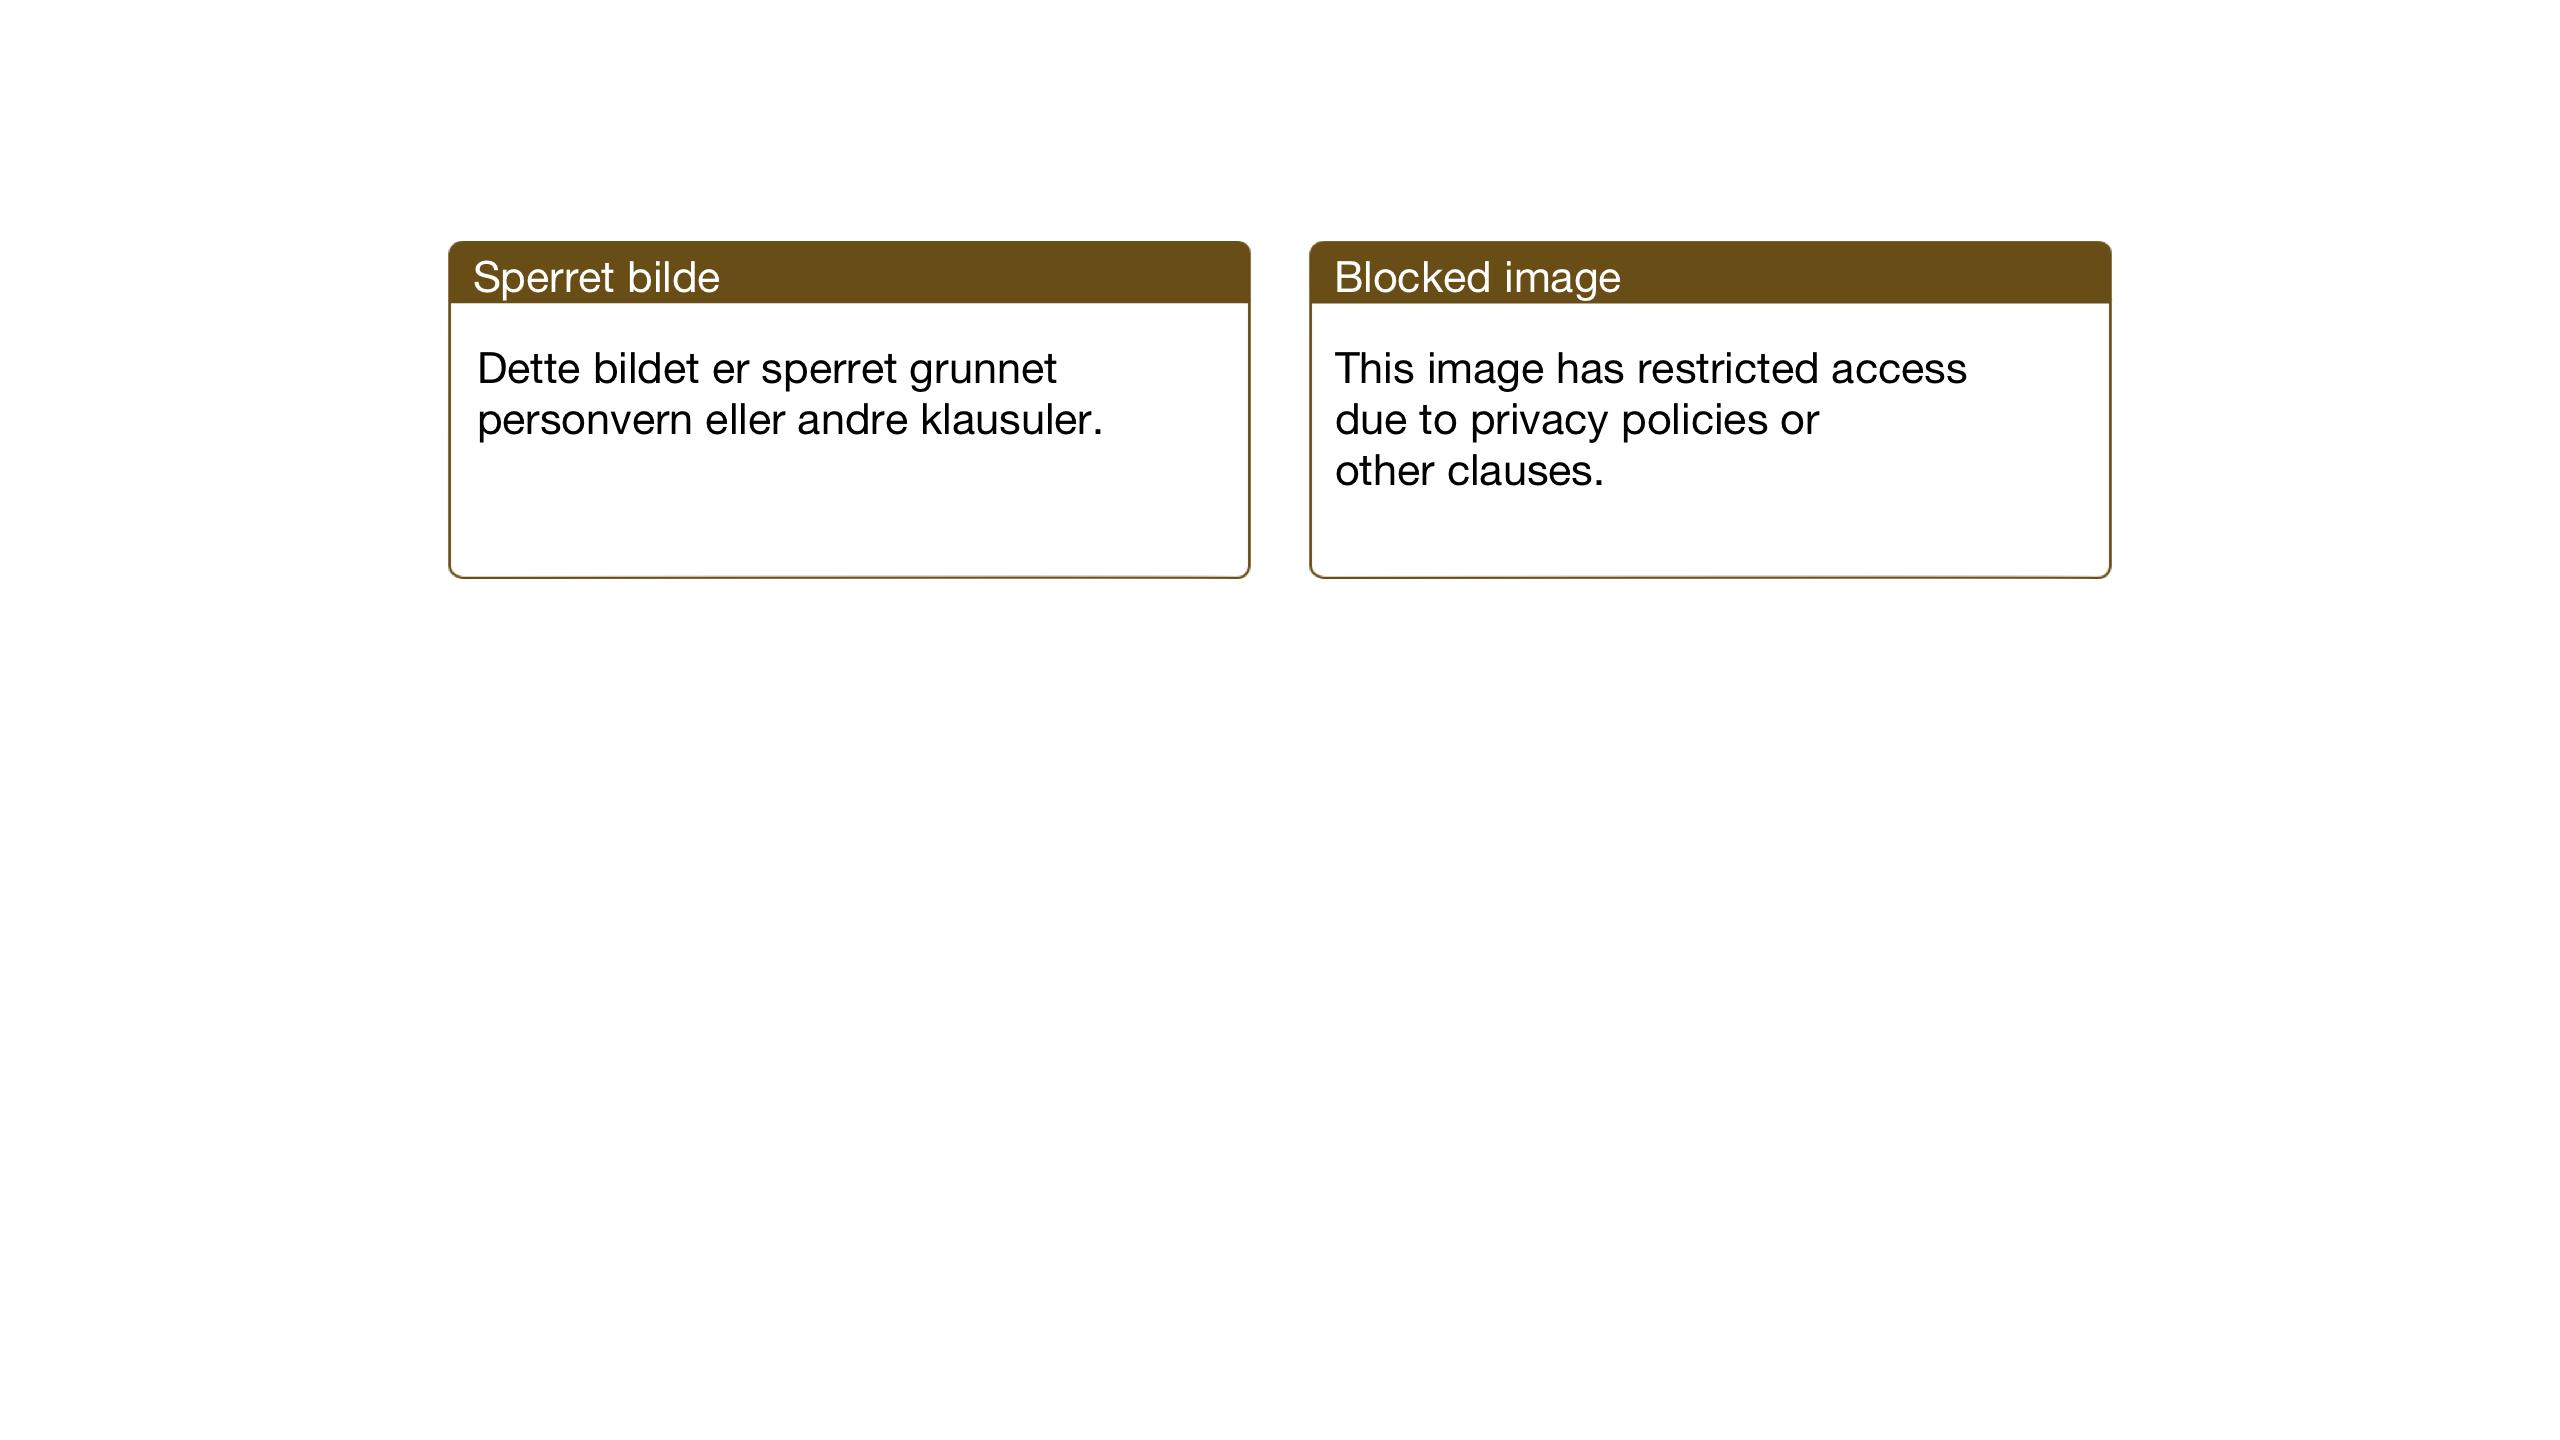 SAT, Ministerialprotokoller, klokkerbøker og fødselsregistre - Nord-Trøndelag, 733/L0328: Klokkerbok nr. 733C03, 1919-1966, s. 83